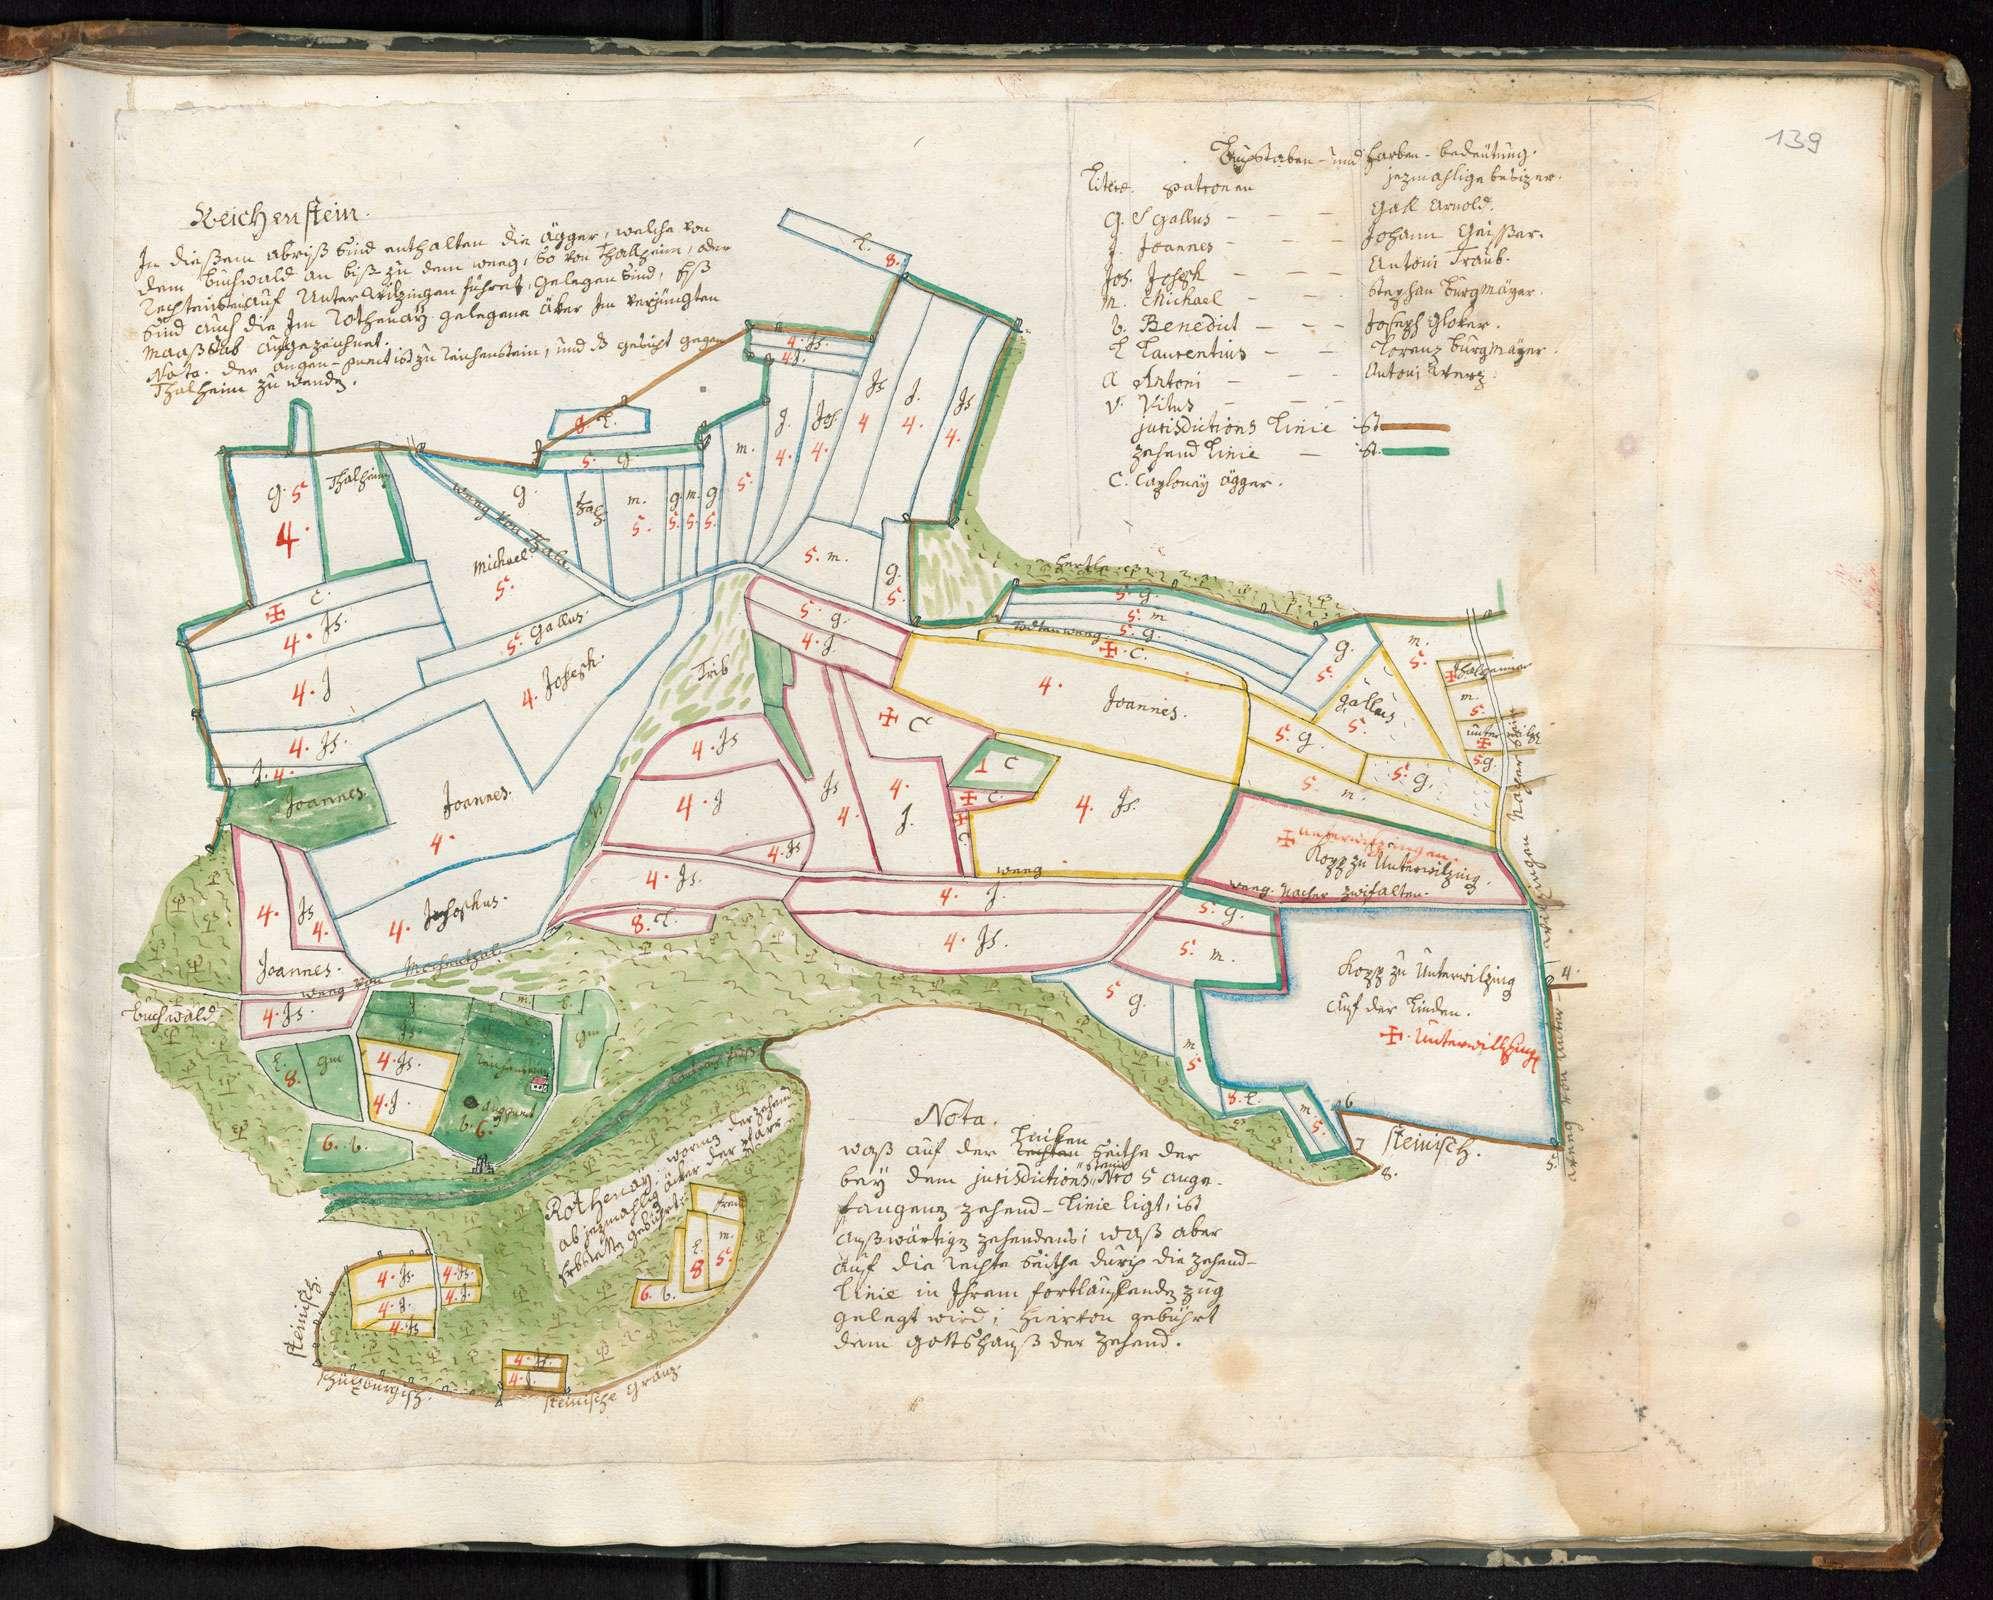 Zwiefalten, Orte des Klosterterritoriums, Reichenstein, mit speziellen Blättern betr., Bild 2